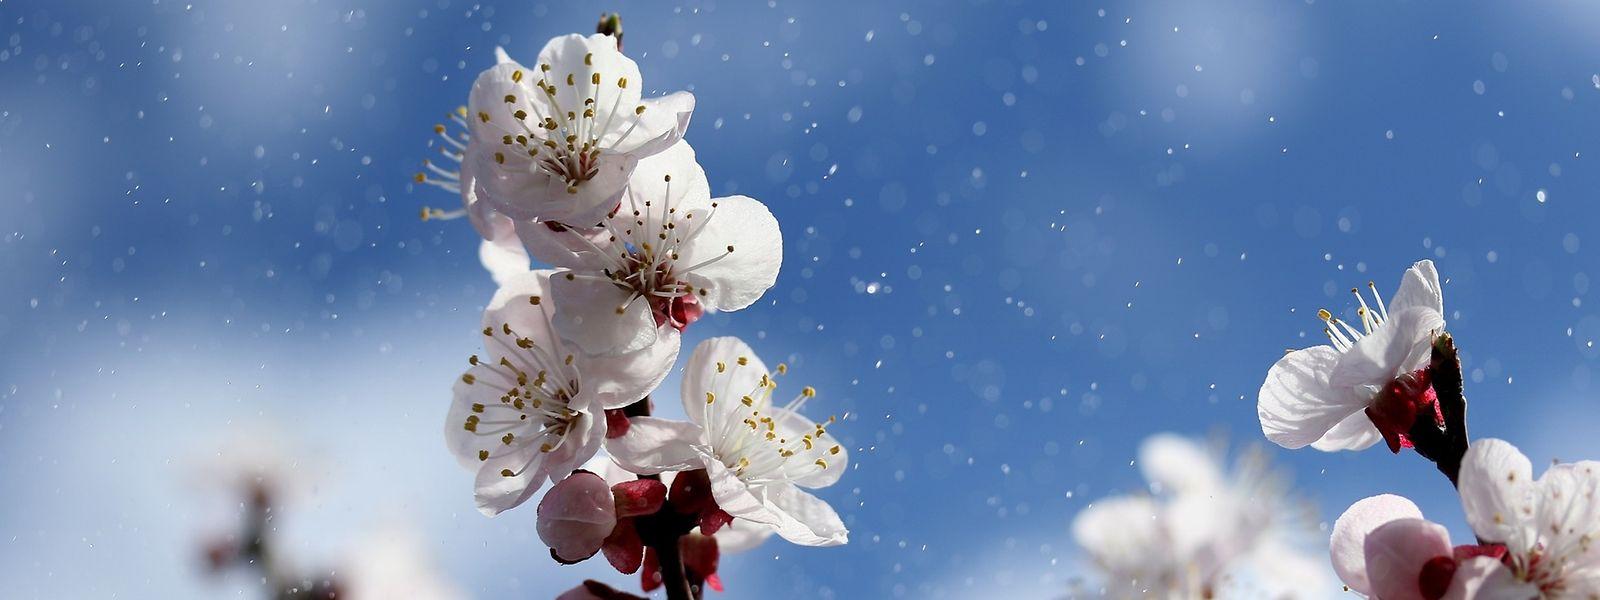 Ab dem Wochenende wird es wieder freundlicher. Der Frühling ist im Anmarsch.